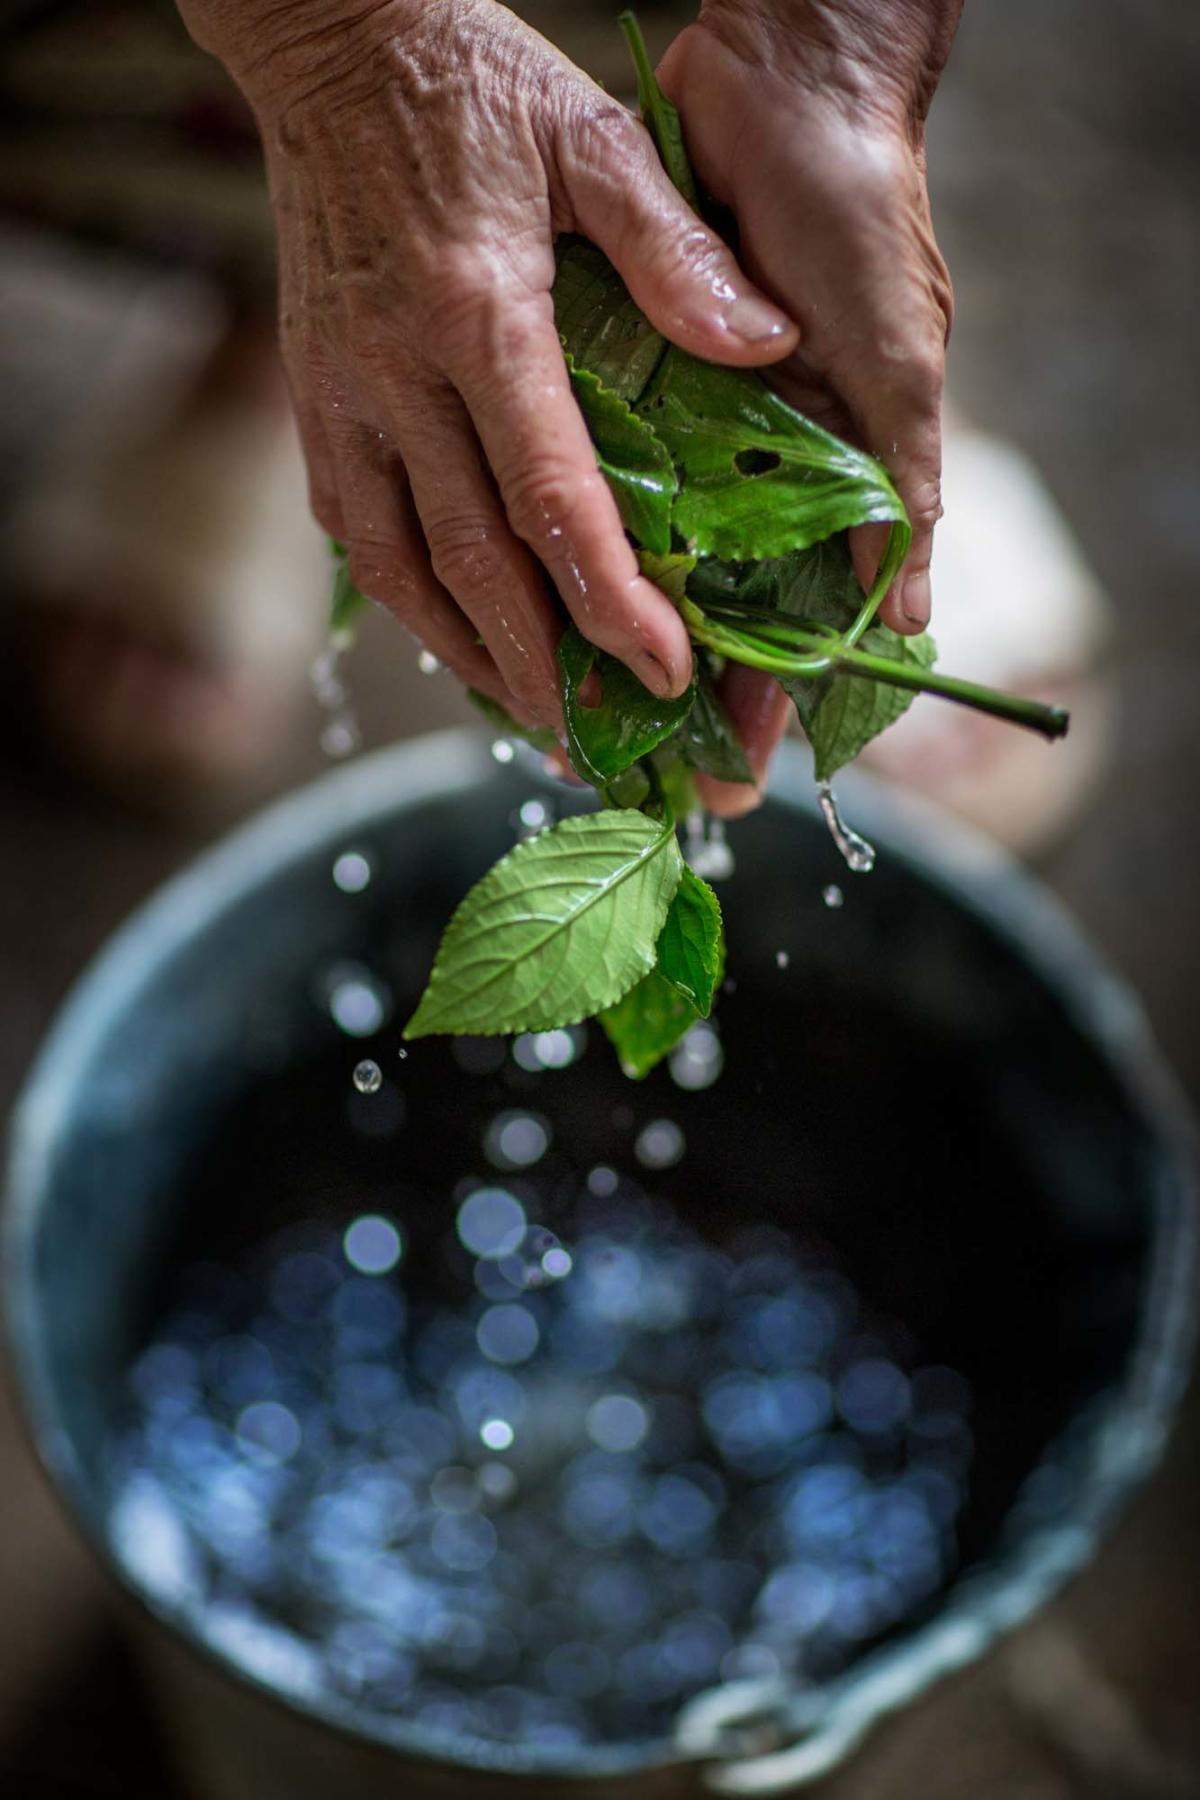 Assamindigo planta tvättas i vatten.